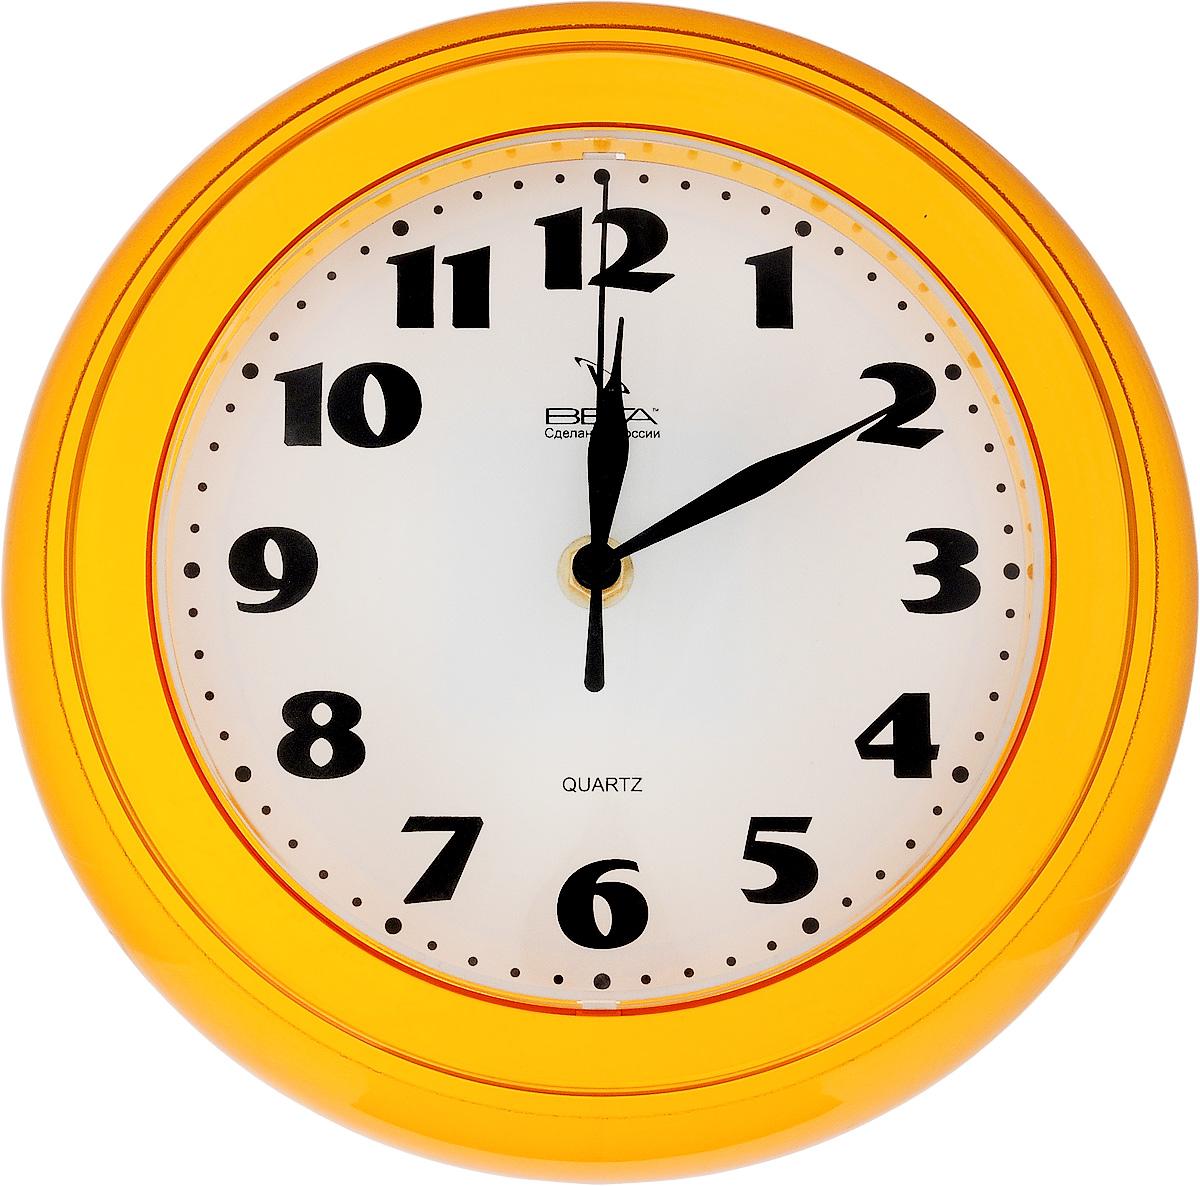 Часы картинки для детей на прозрачном фоне, фсин картинки